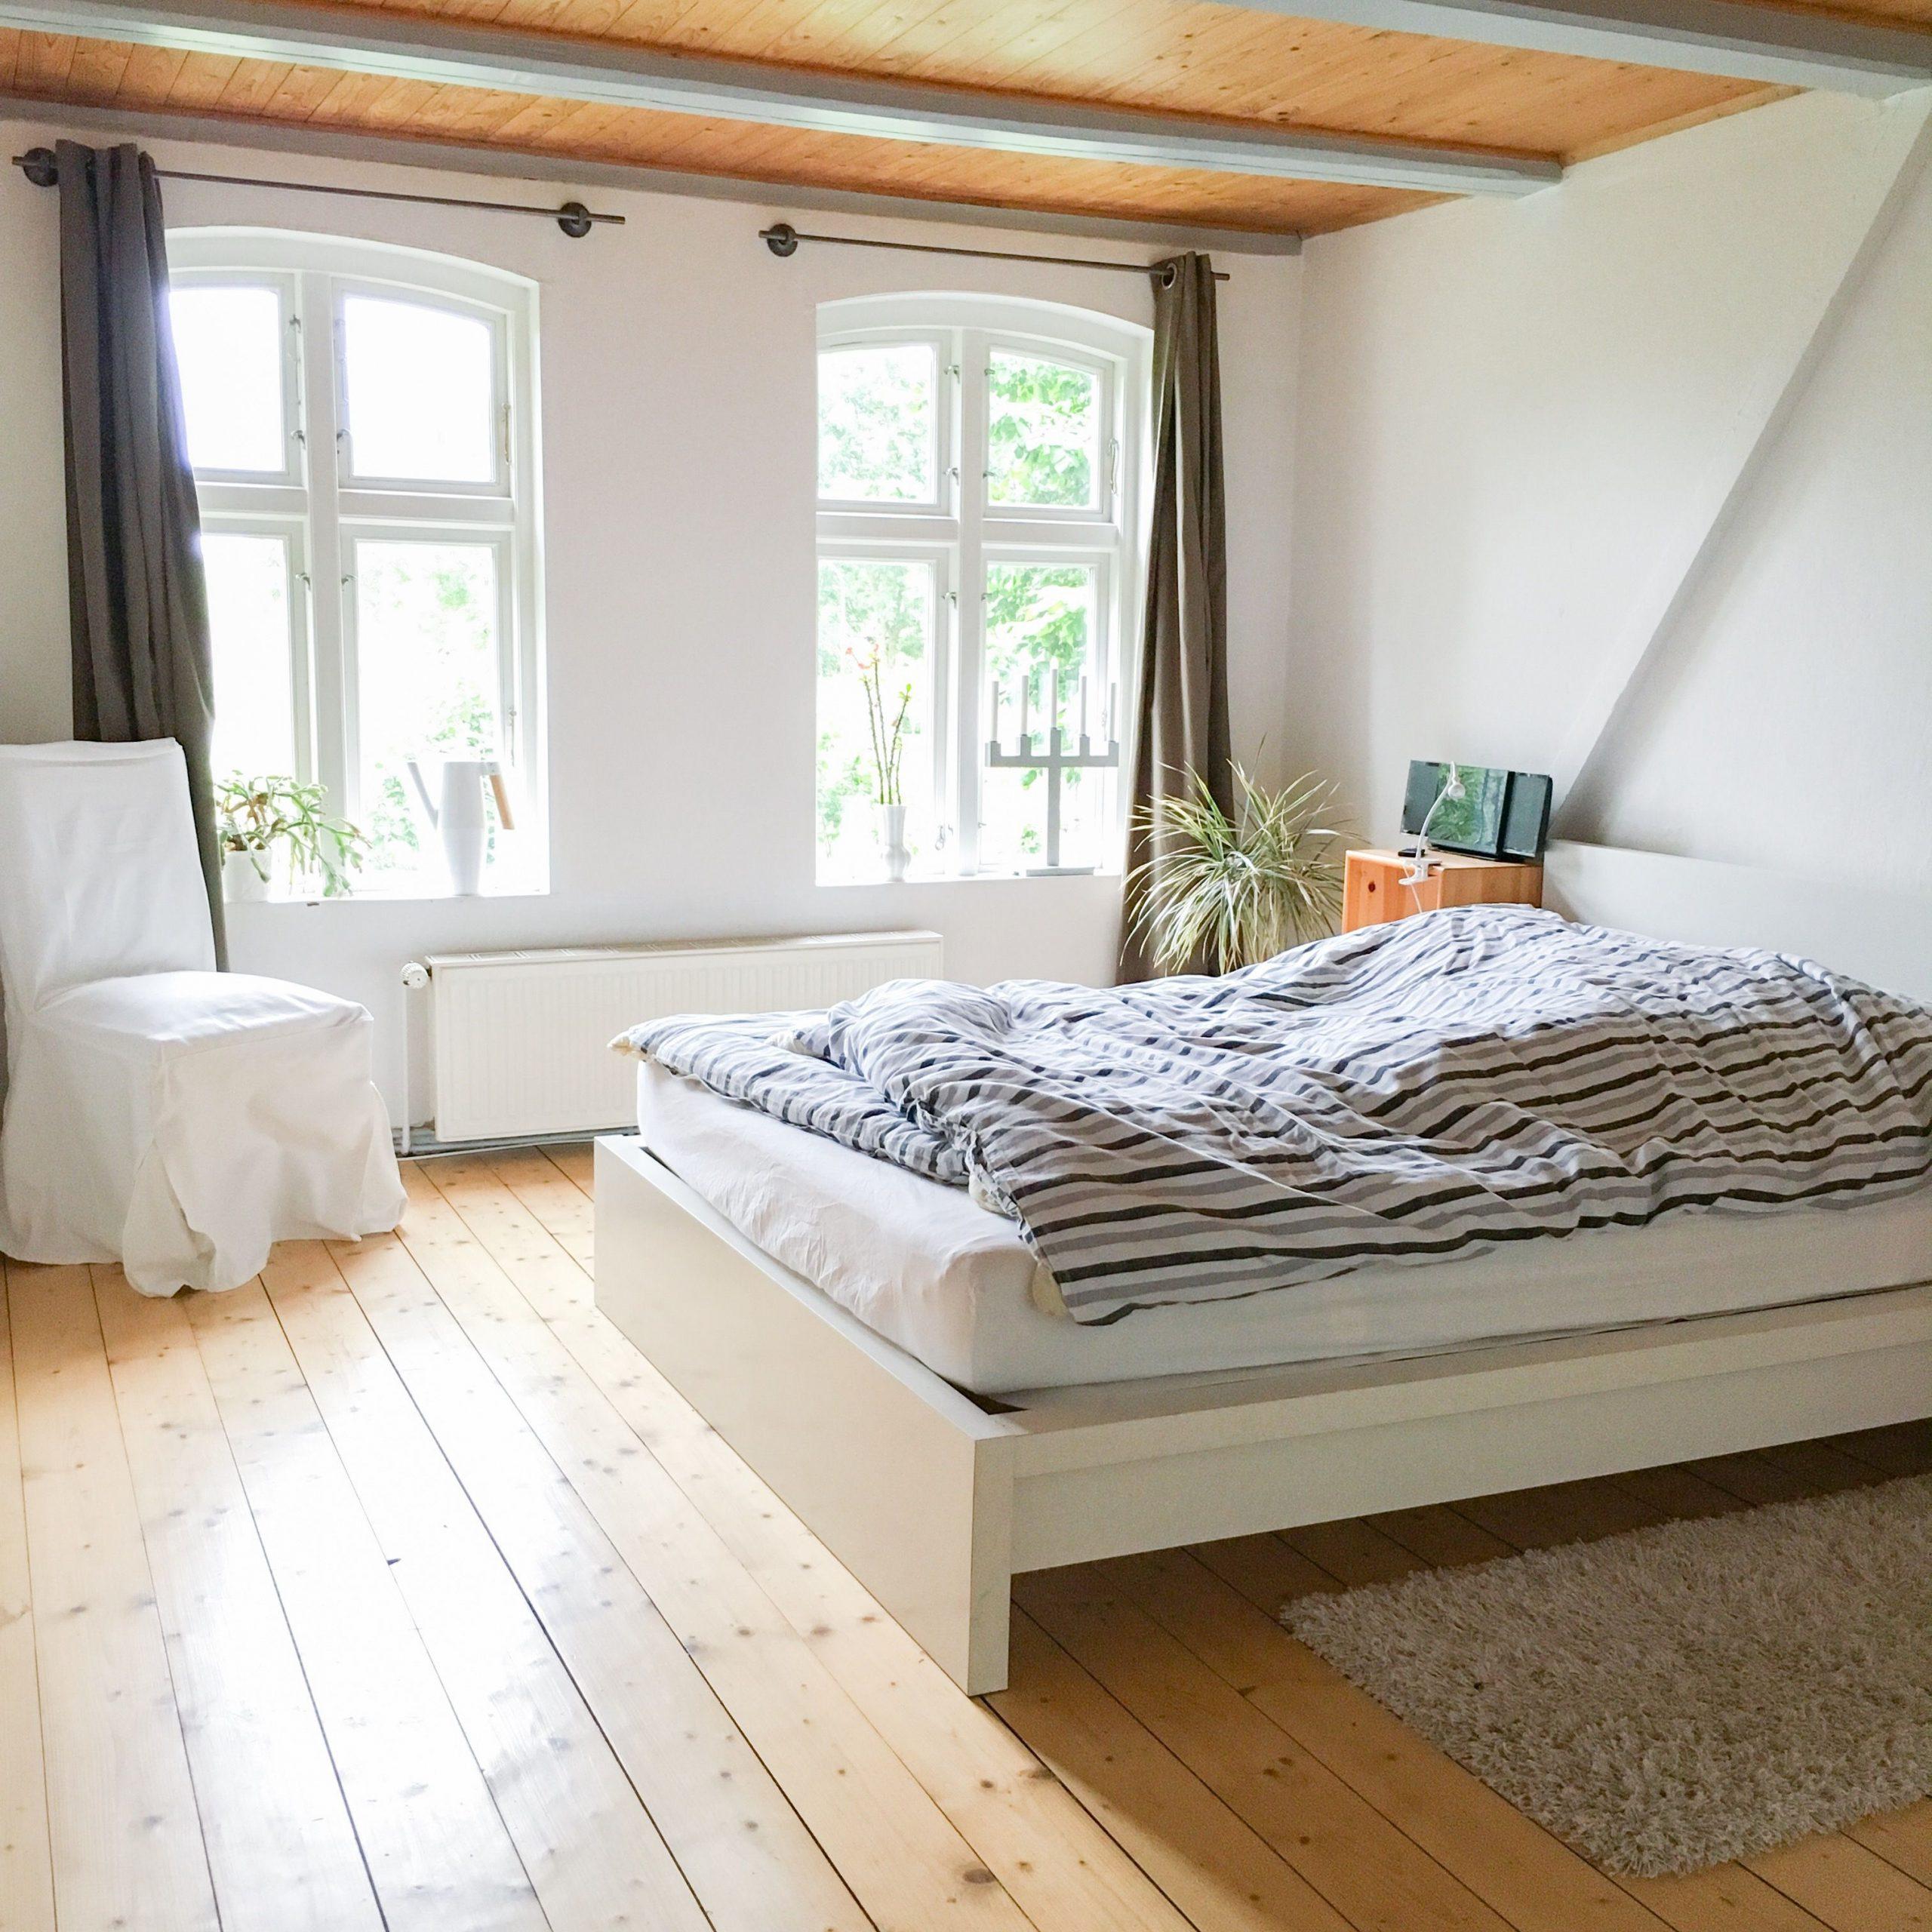 Full Size of Bett Stauraum Ausklappbares Futon Schrank 140x200 Ohne Kopfteil Trends Betten Wand Kaufen Hamburg Antike Somnus Schwarzes Platzsparend Bett Bett Landhaus